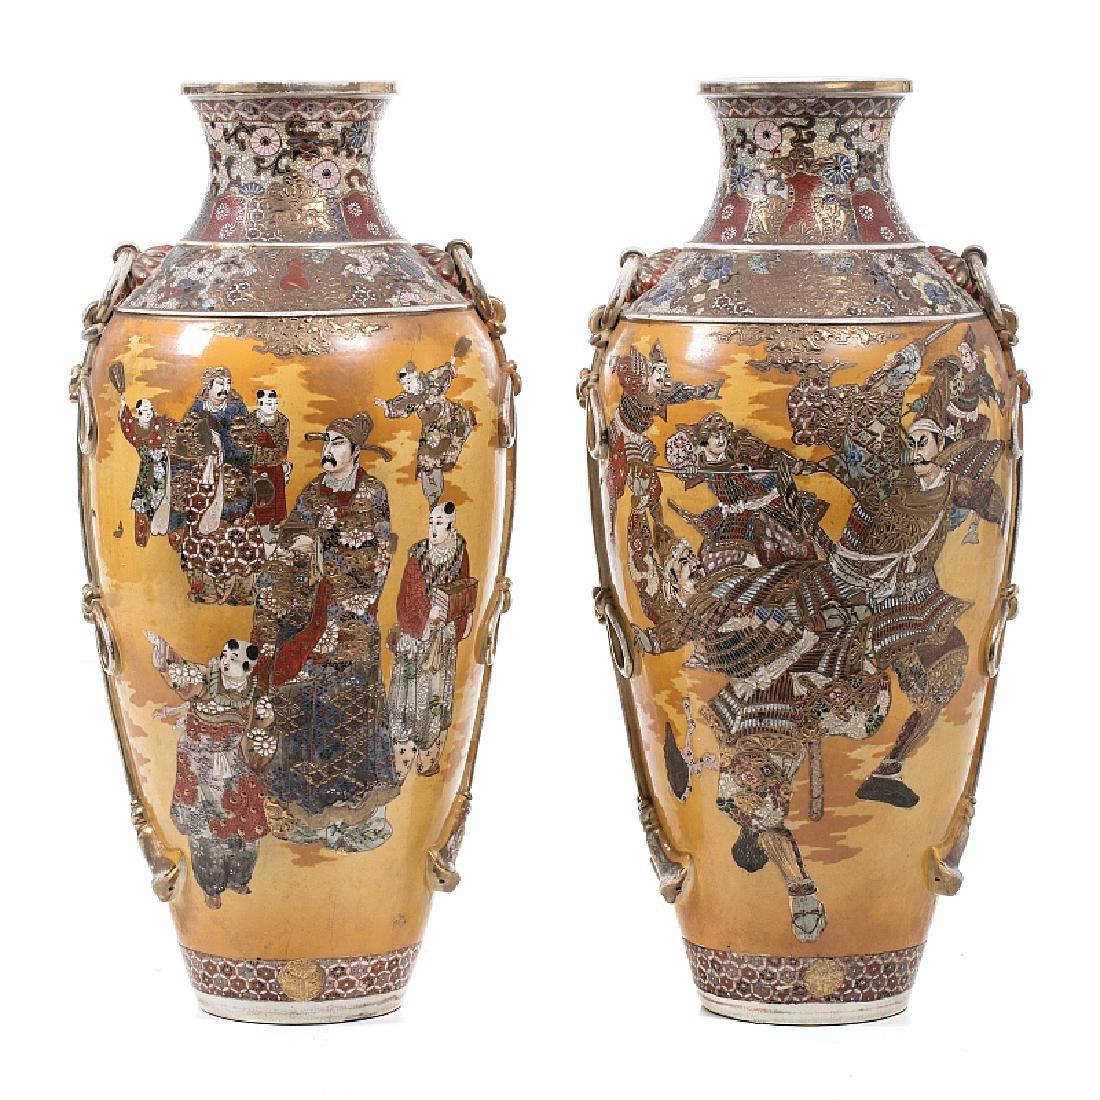 Pair of ceramic vases from Satsuma